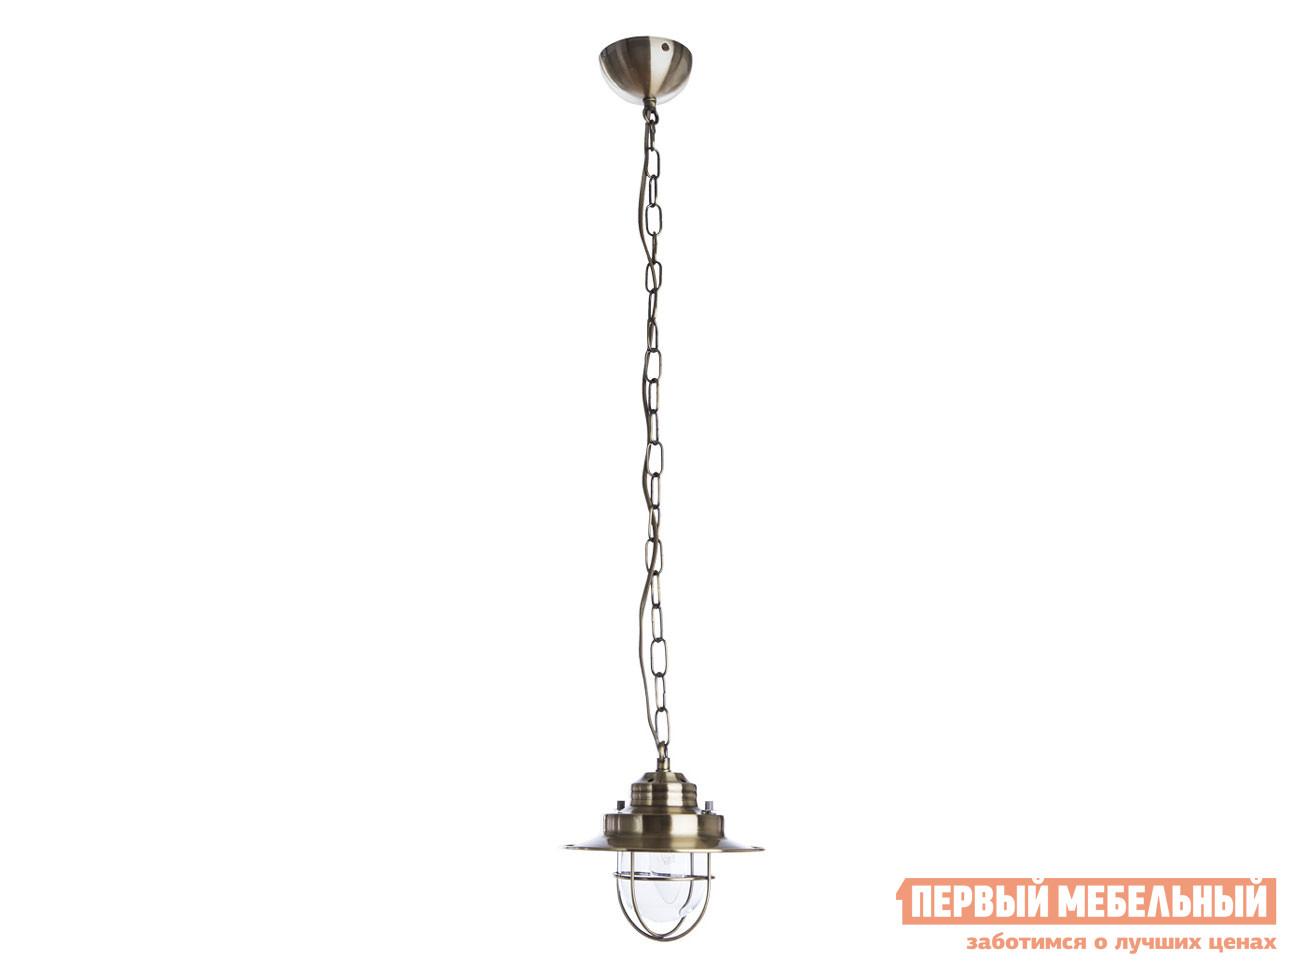 Подвесной светильник Первый Мебельный Подвесной светильник LANTERNA A4579SP-1AB светильник arte lamp lanterna a4579sp 1ab